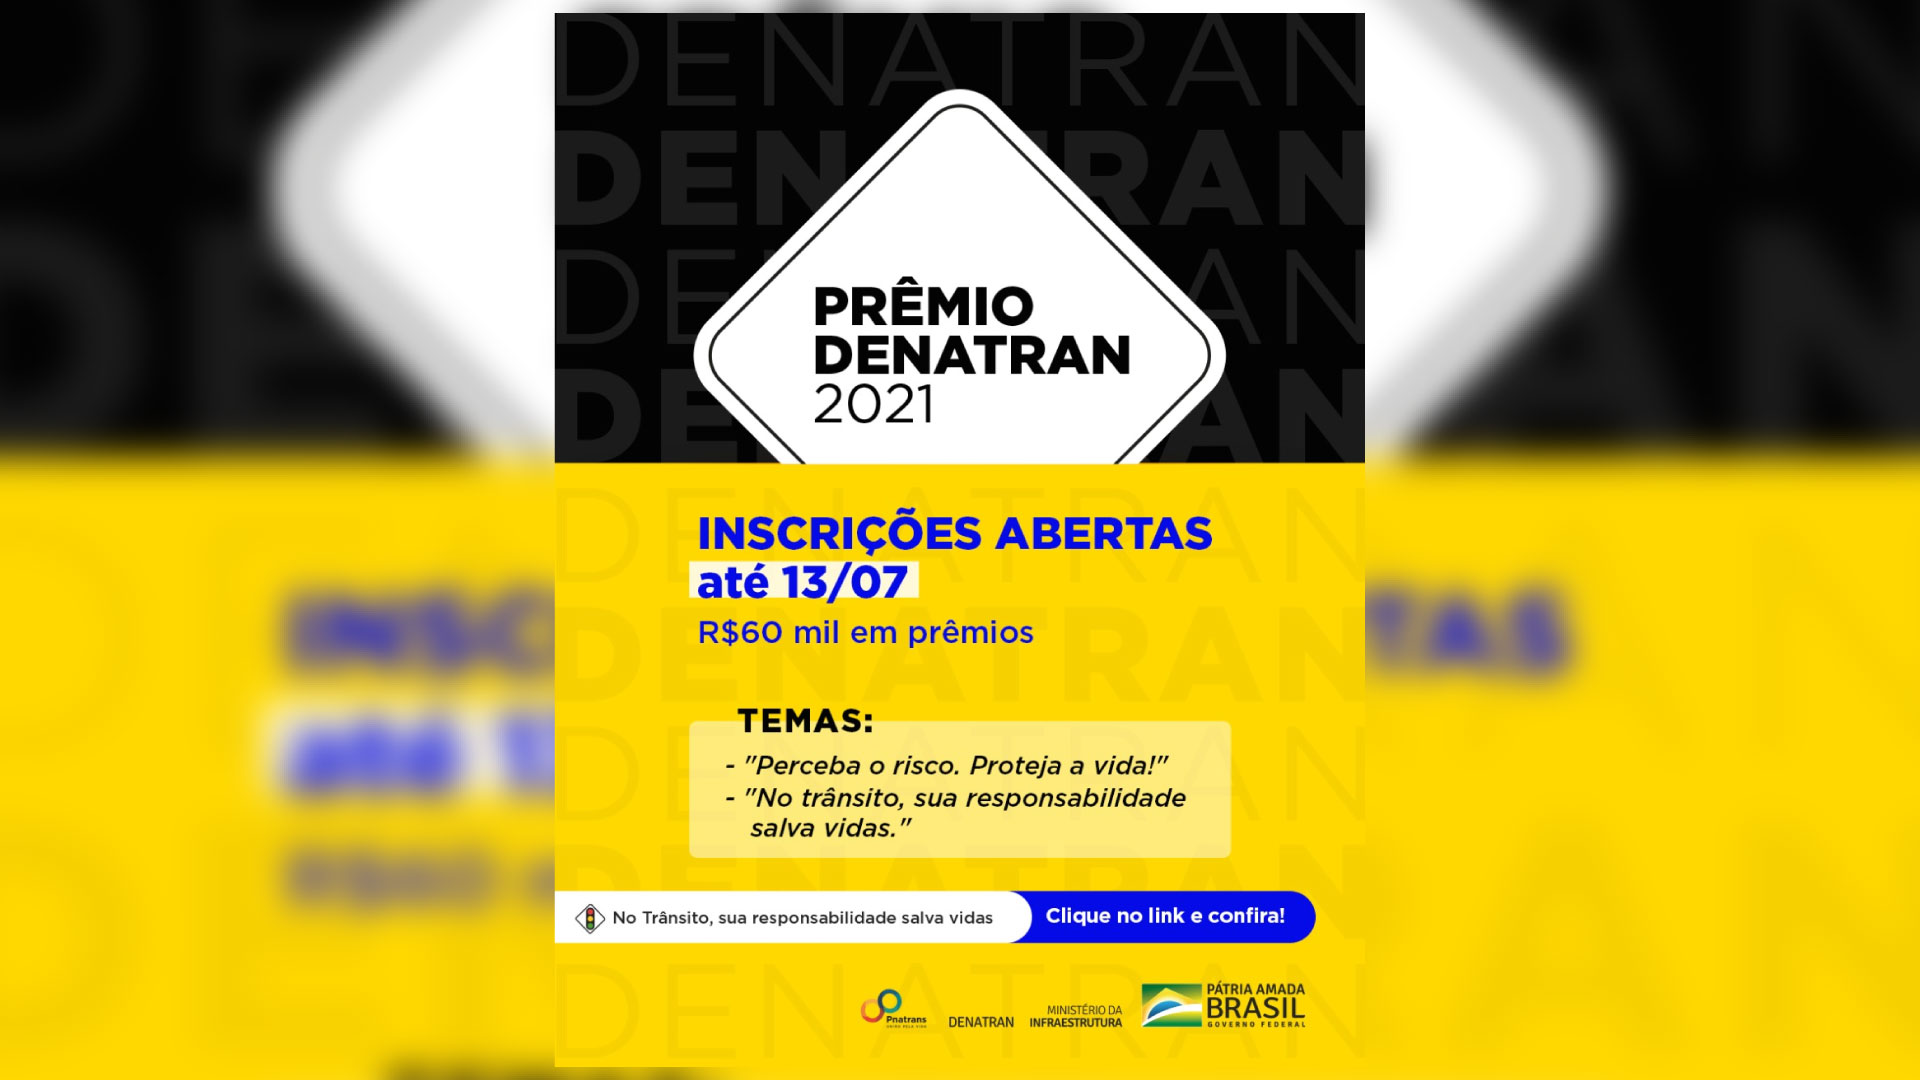 Participe do Prêmio Denatran 2021!!!